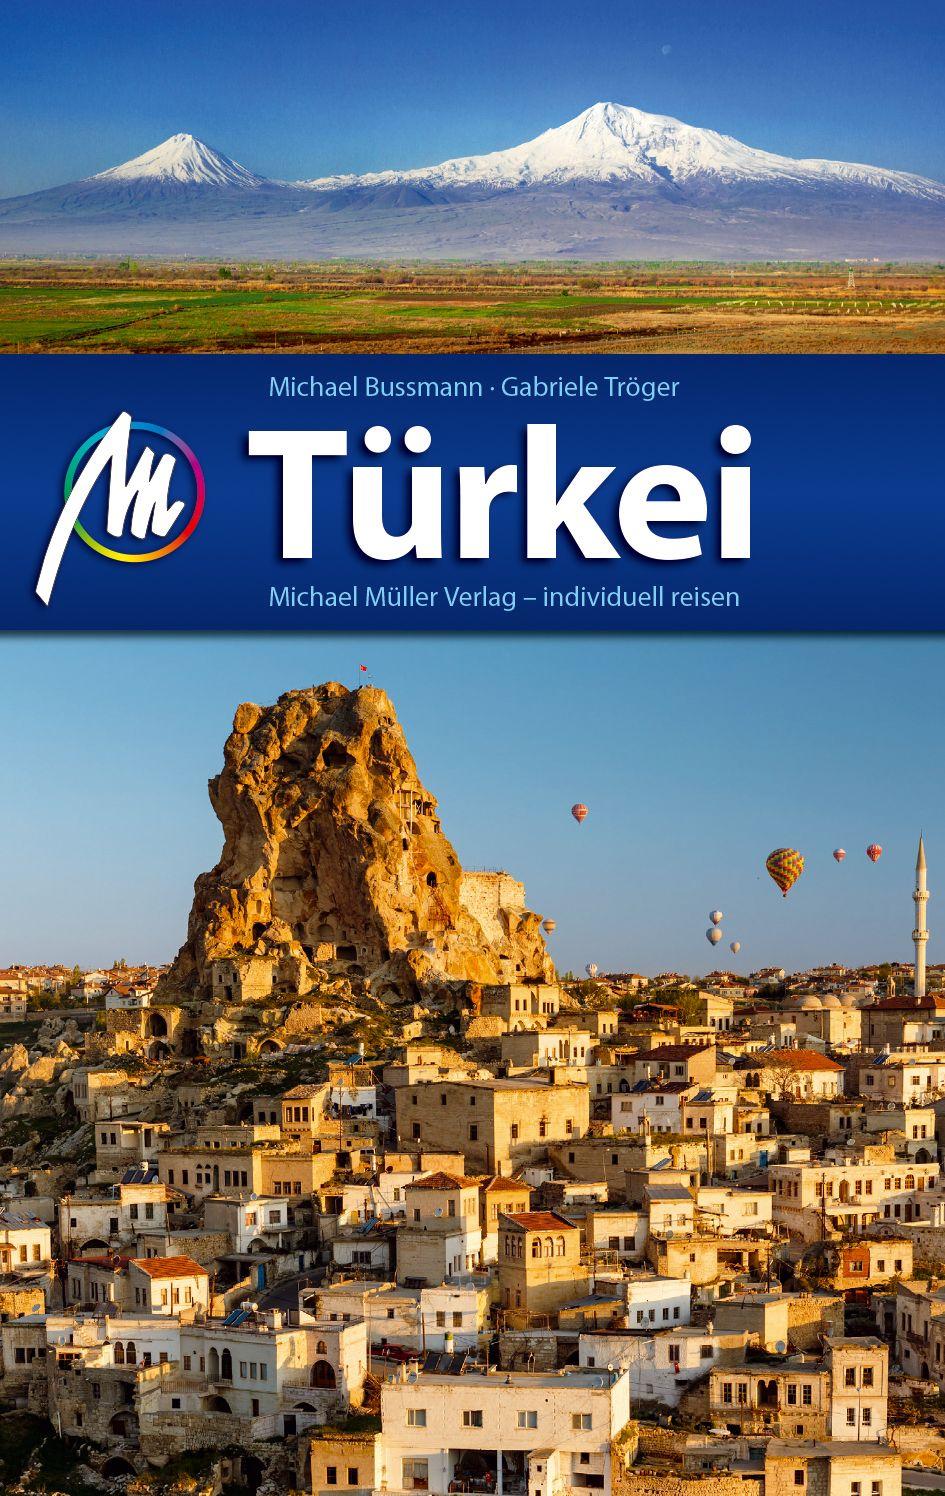 Turkei Michael Muller Verlag Reisen Antalya Stadt Prag